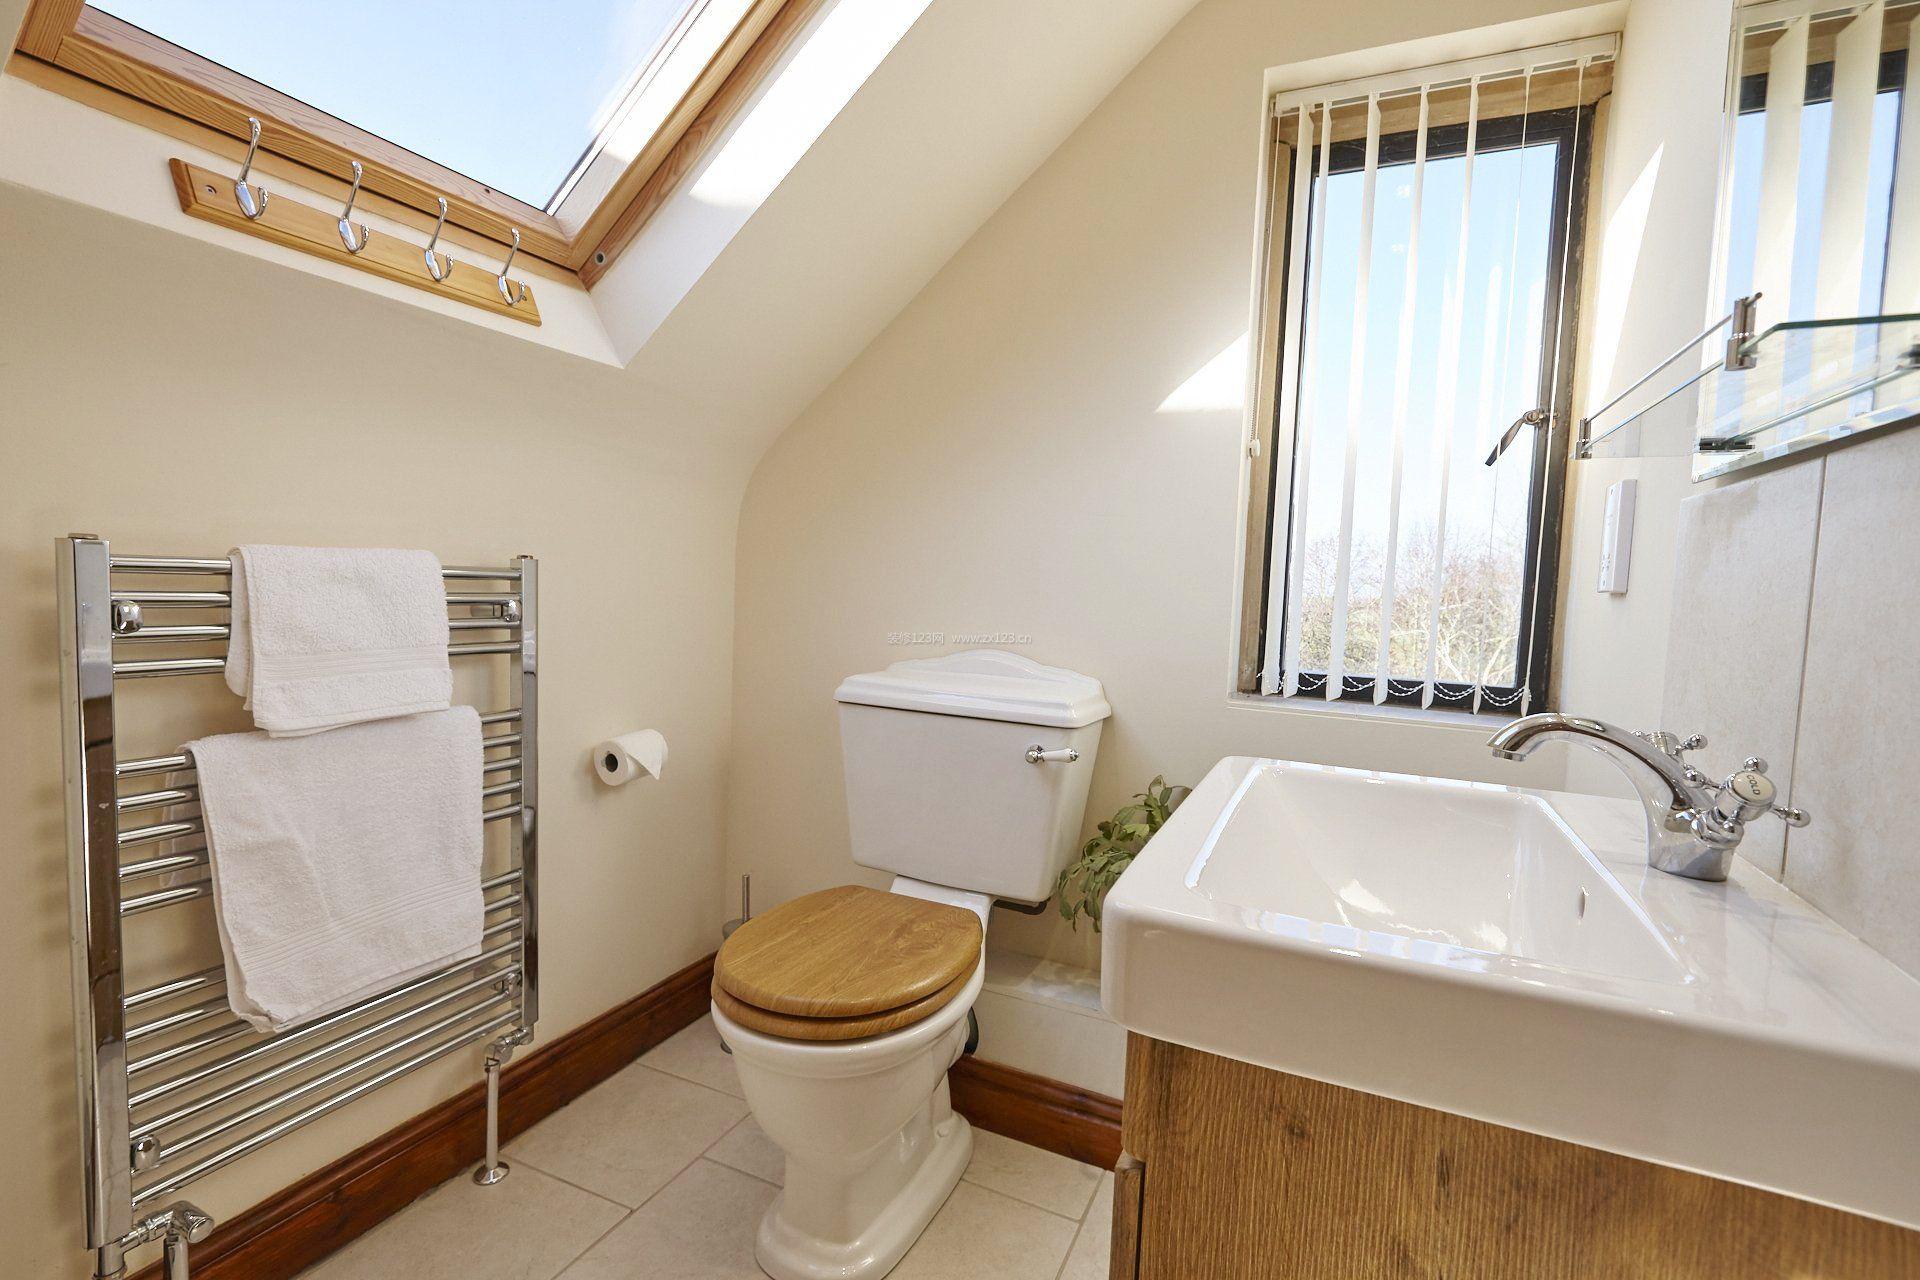 阁楼浴室装修效果图